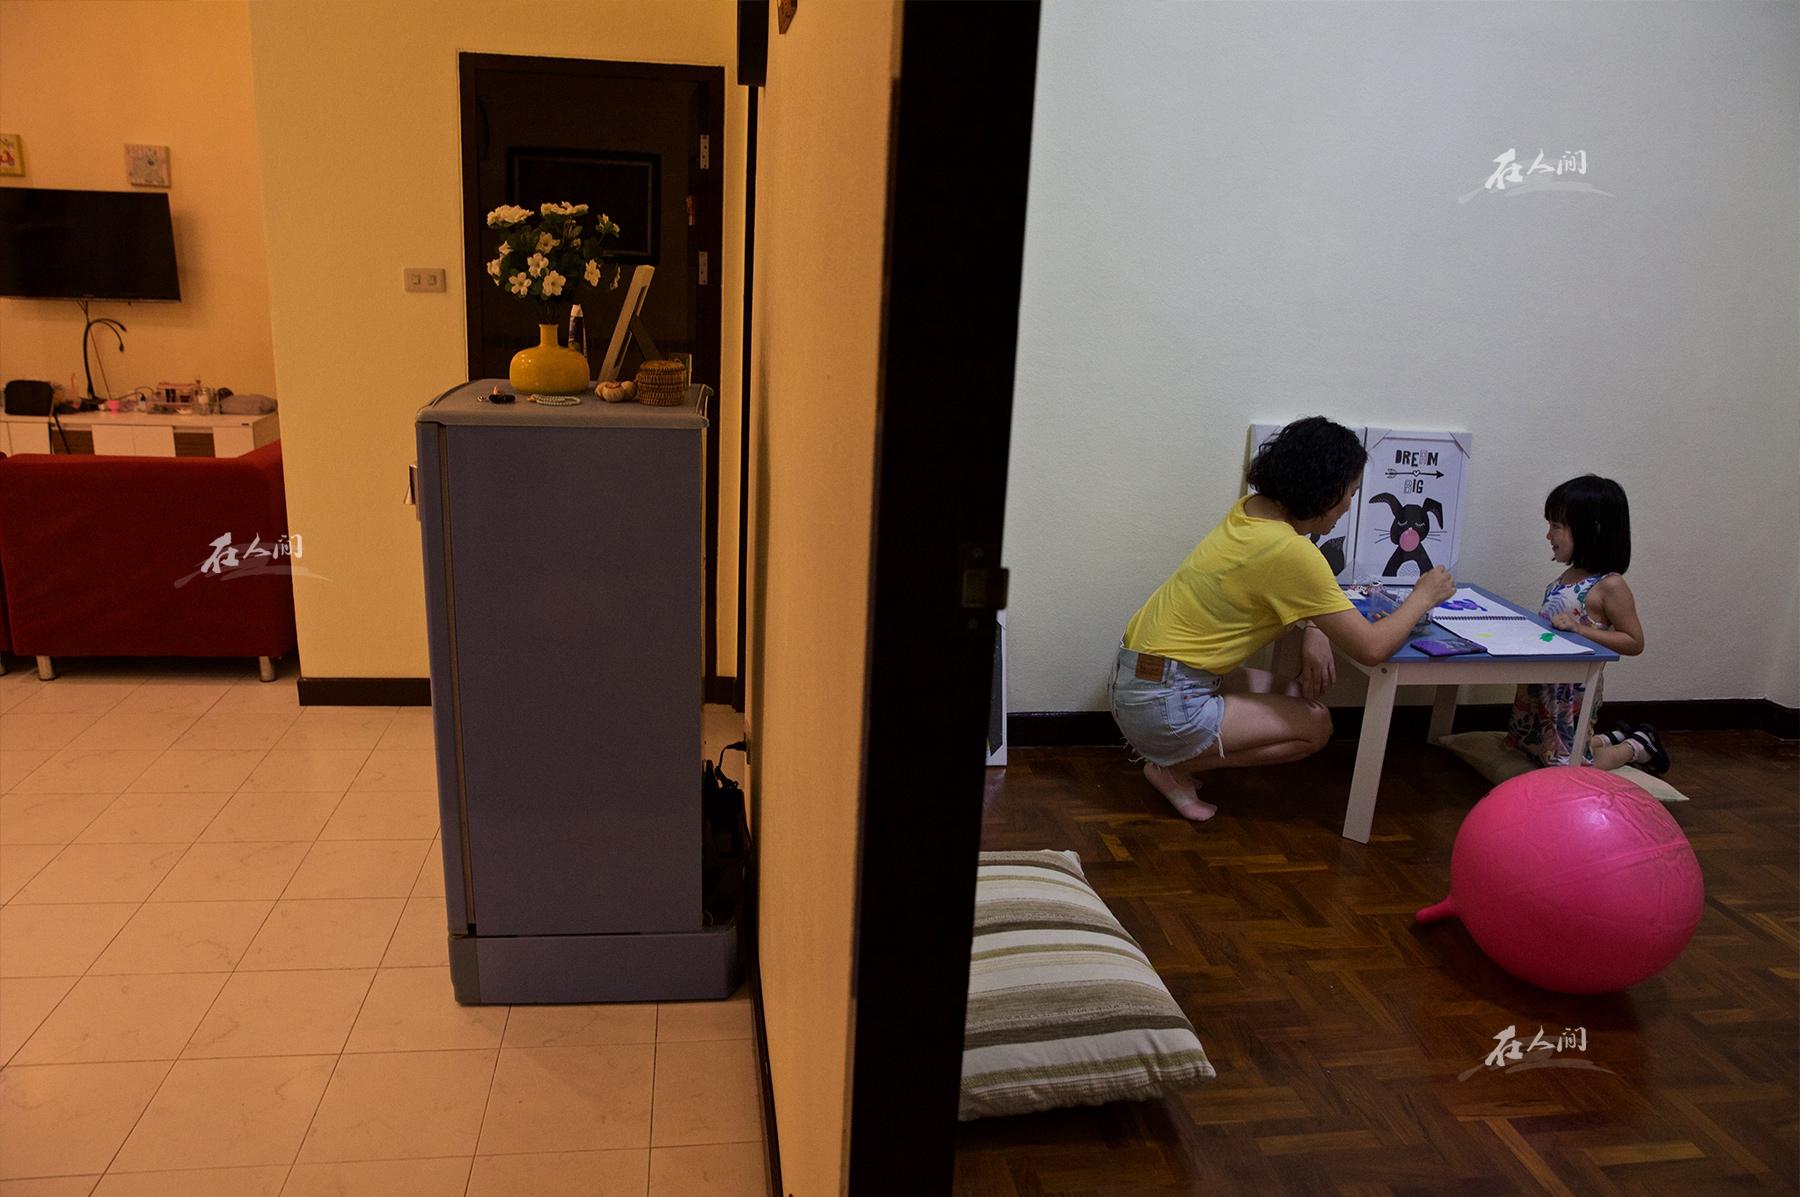 《在人间》第161期:留在他乡的童年:去泰国上学